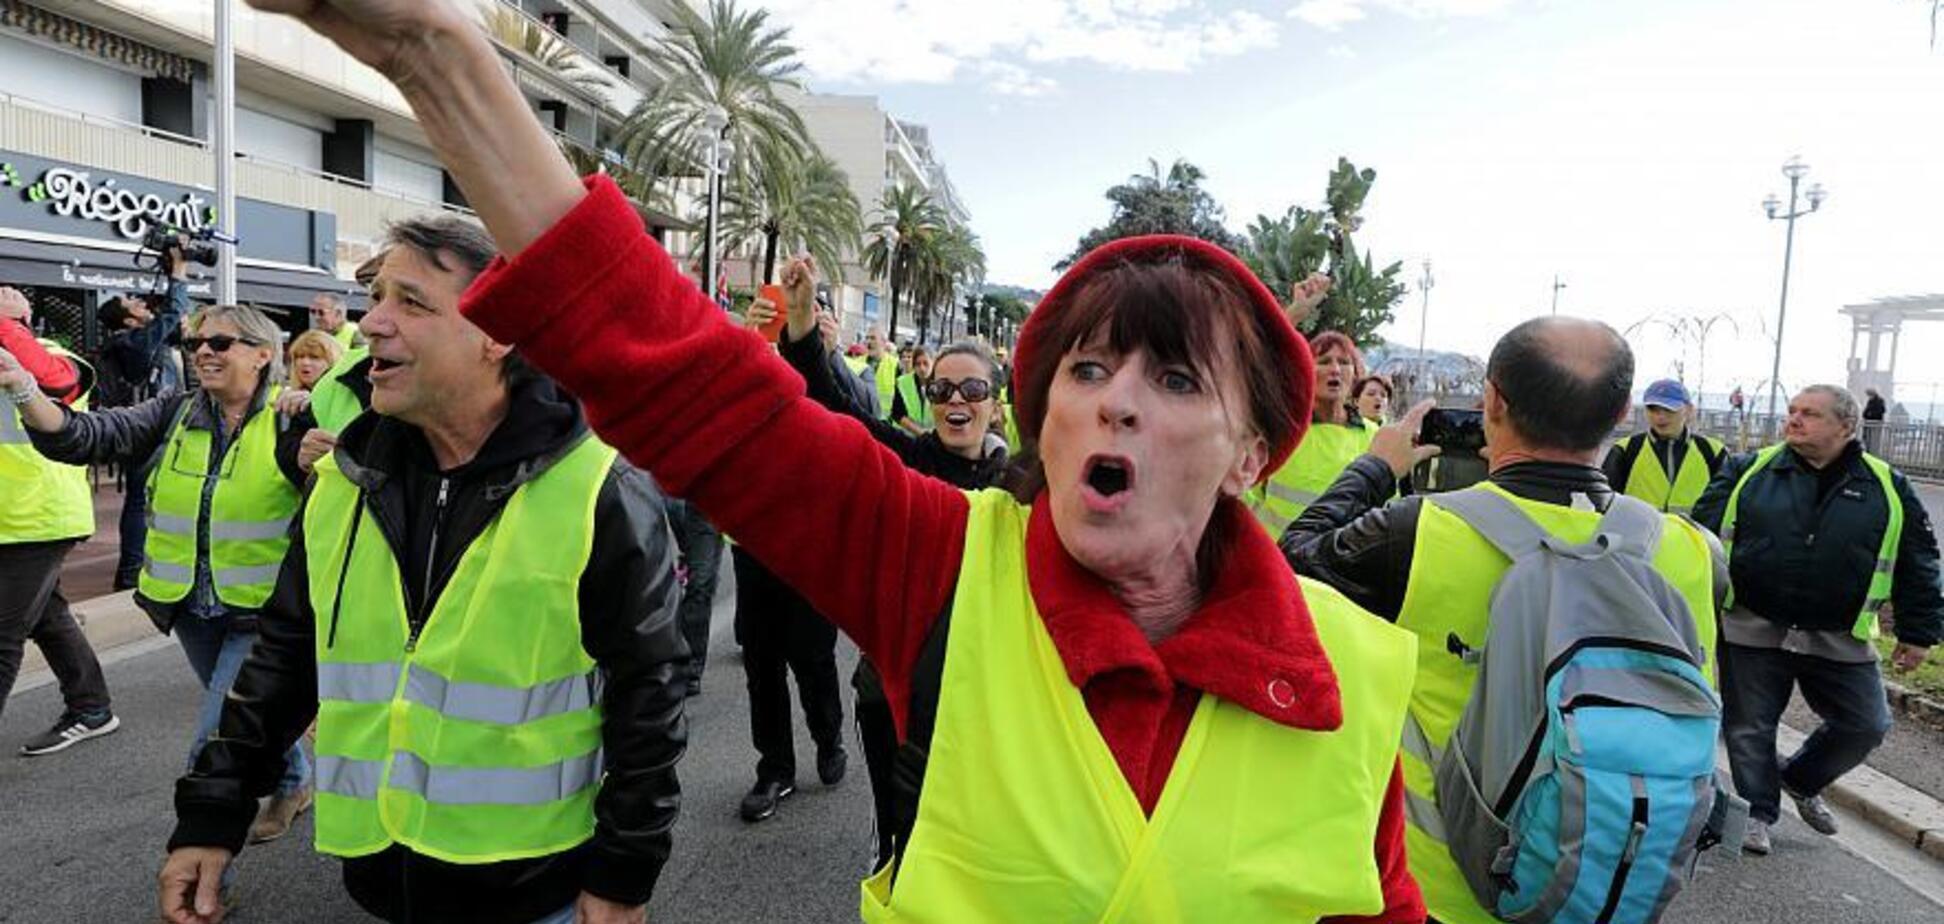 Протесты во Франции: Макрон пригрозил жесткой расправой